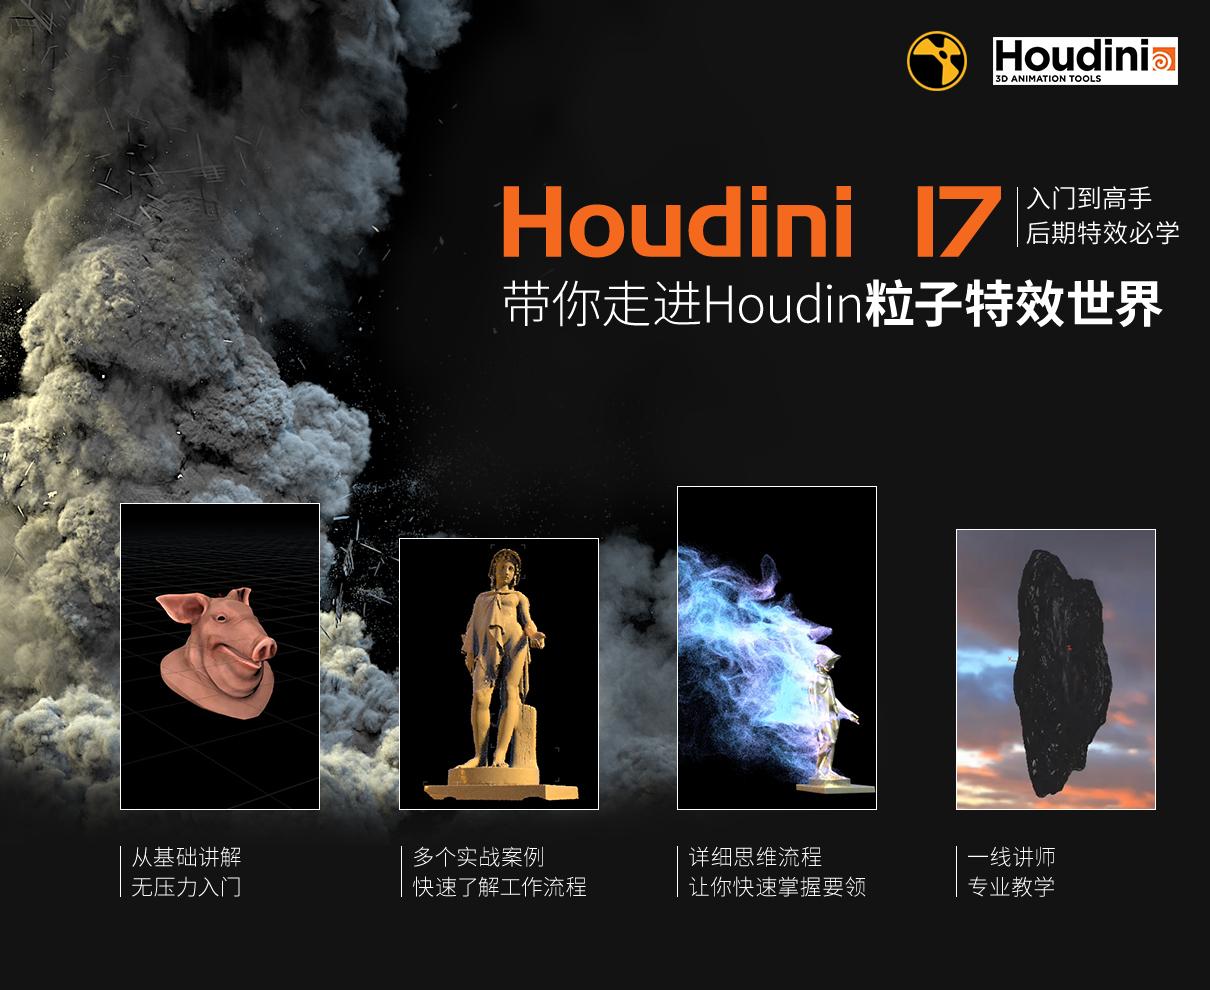 Houdini17从入门到高手教学